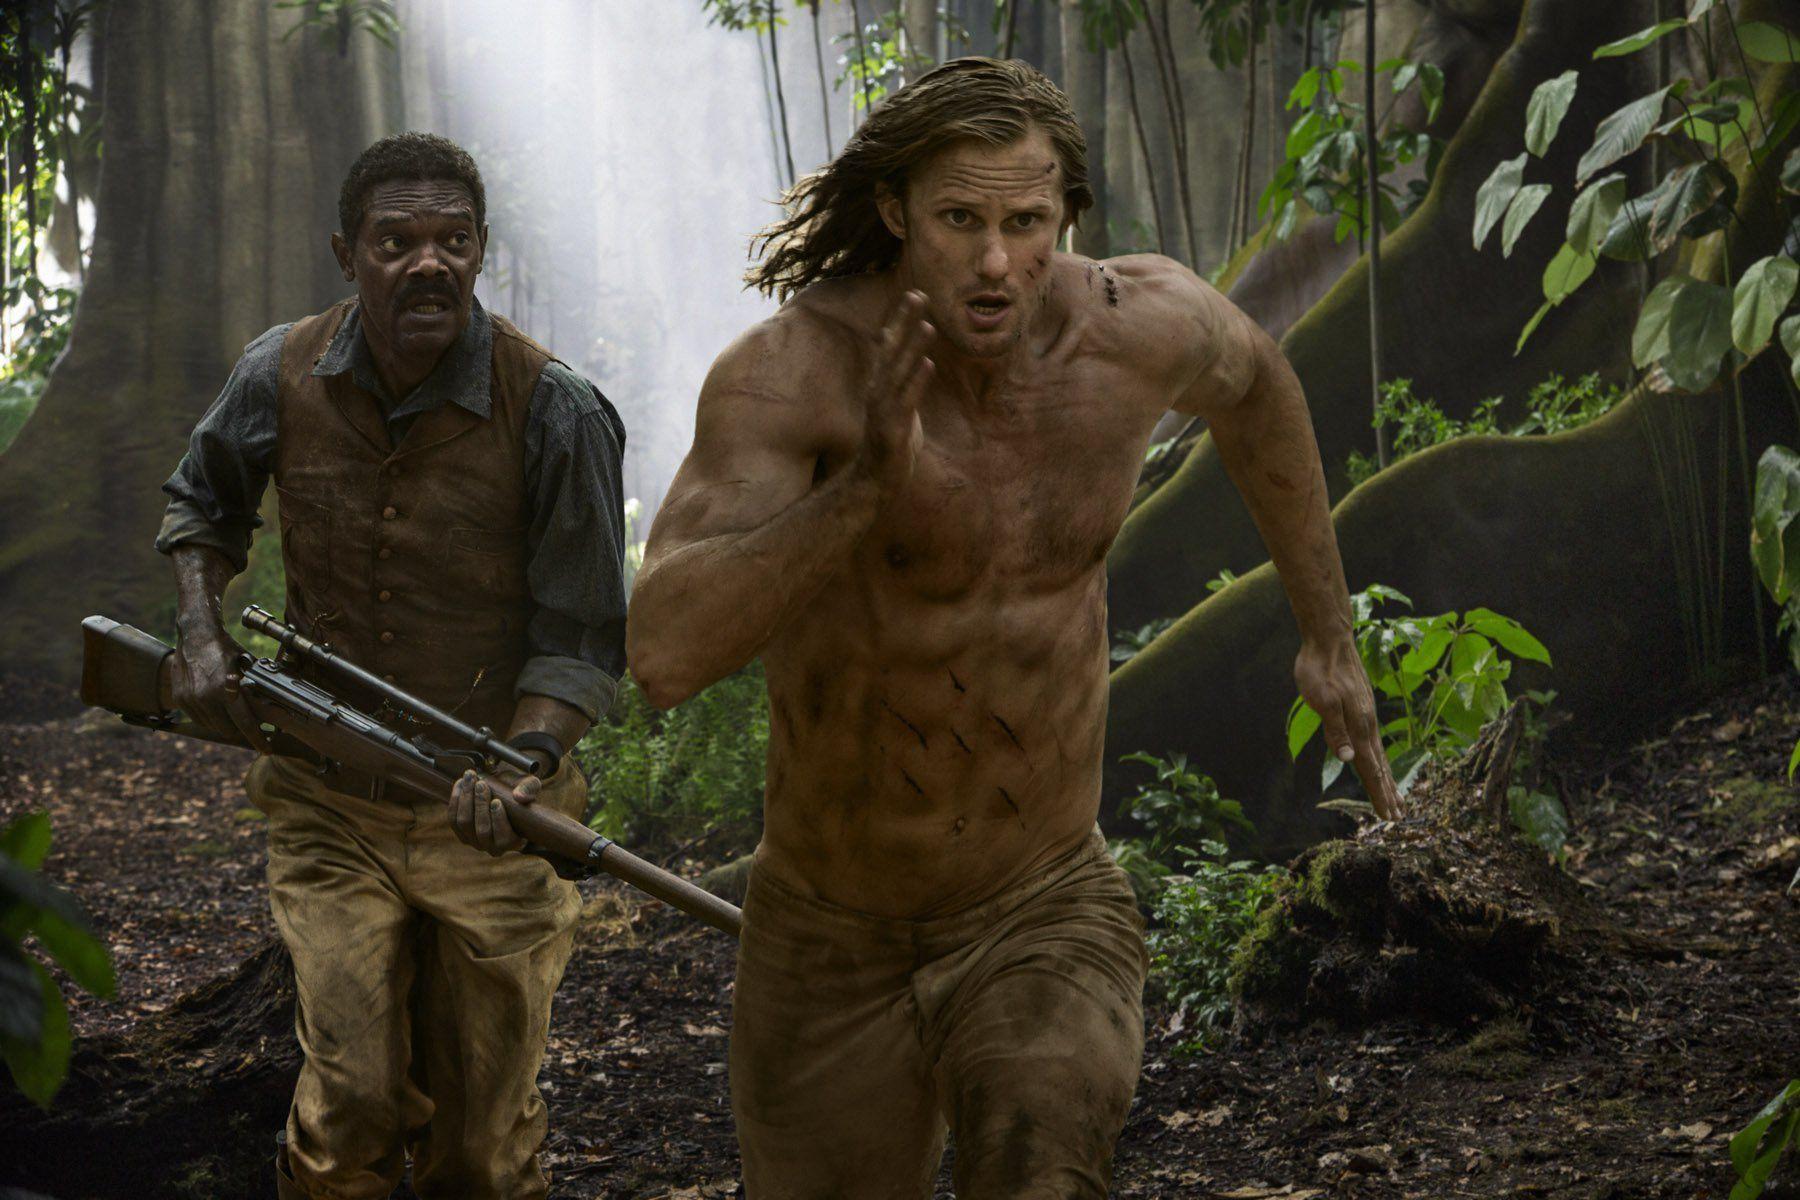 A Volta De Tarzan Nao E A Toa Mas Em Momento Preciso Para A